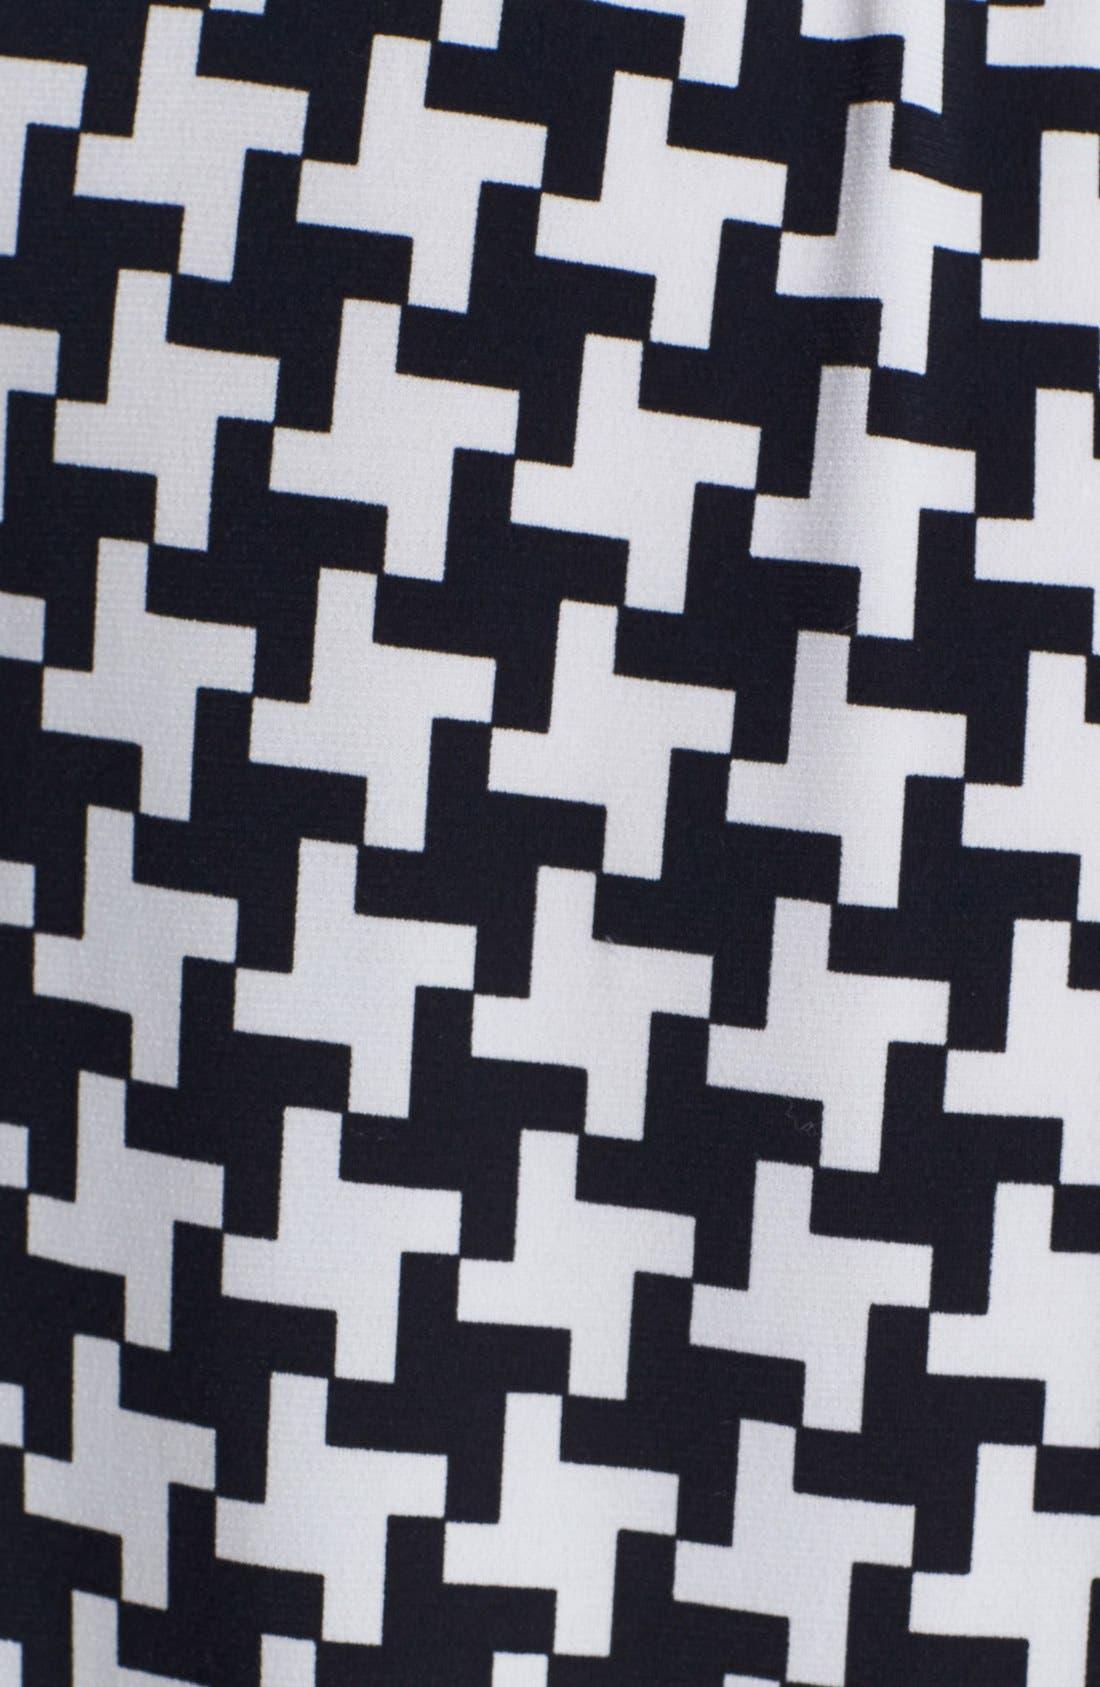 Alternate Image 3  - MICHAEL Michael Kors Chain Detail Print Peasant Top